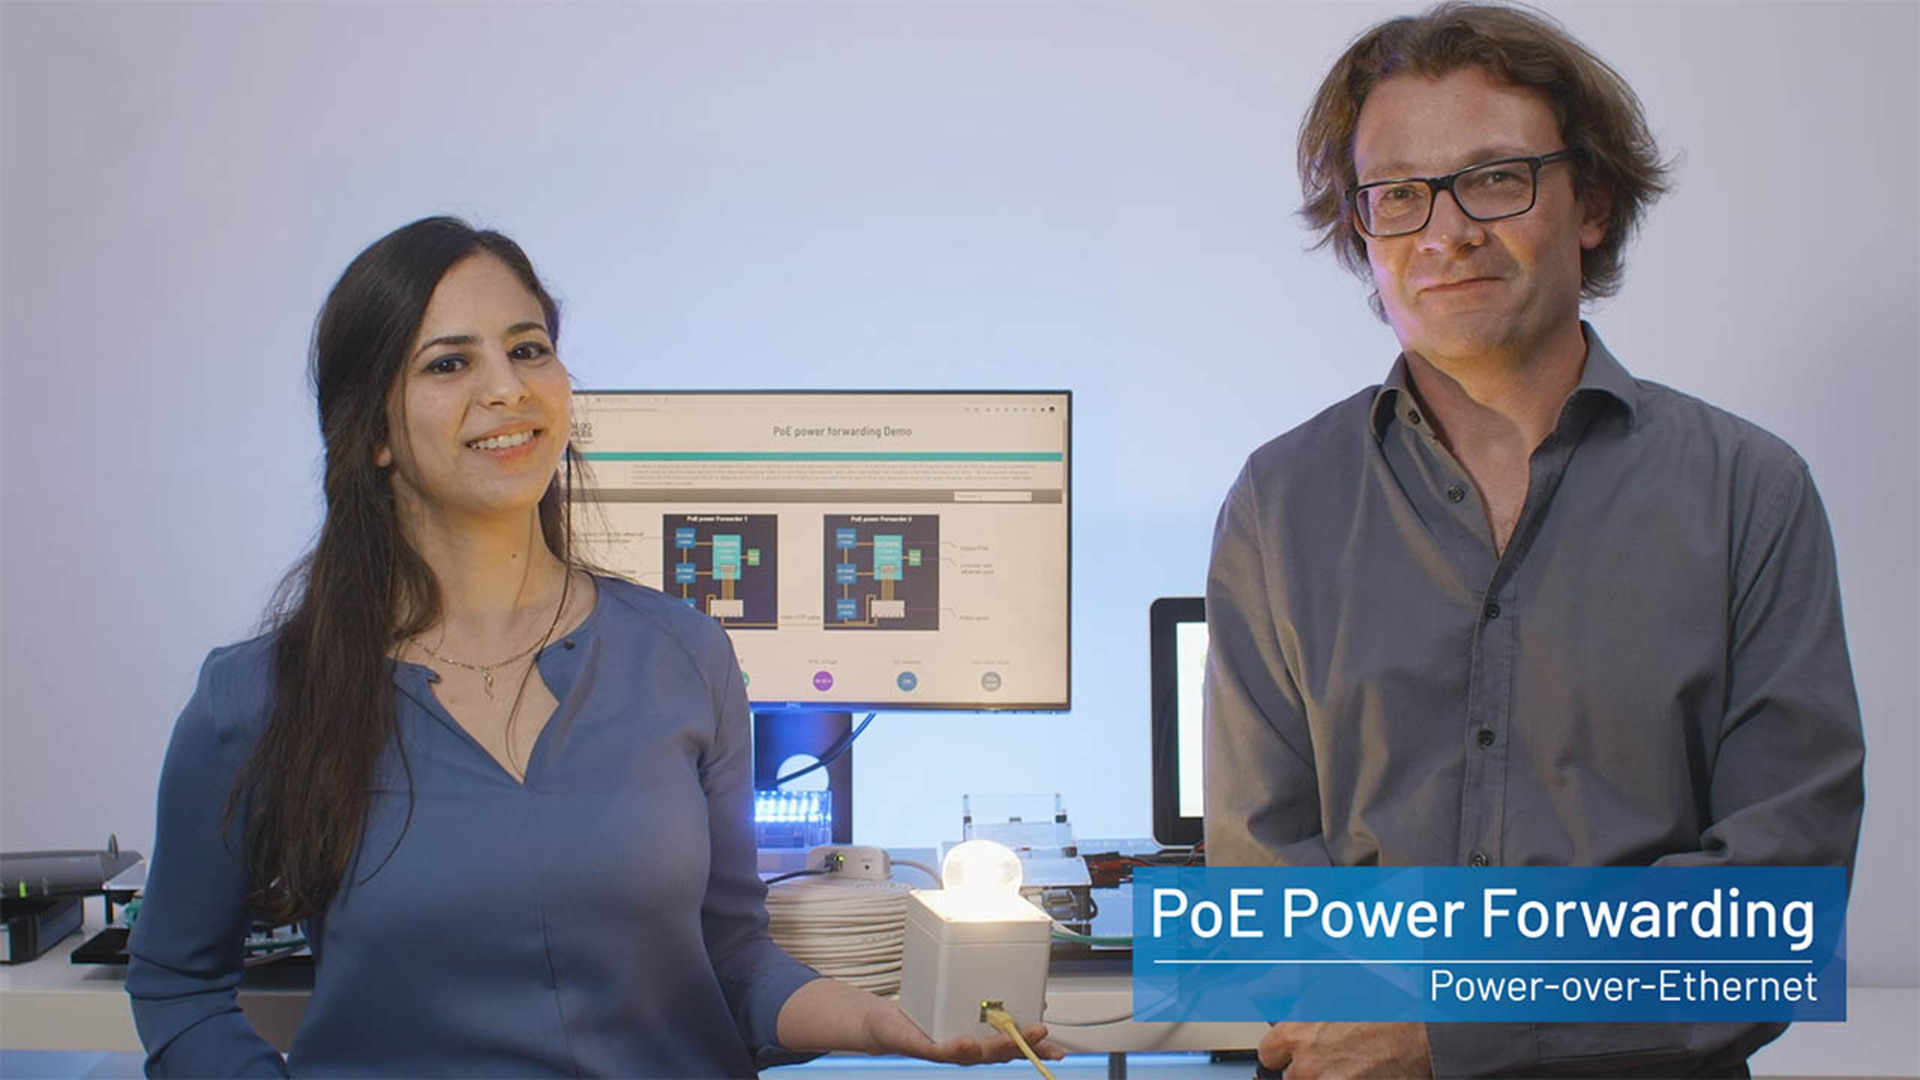 PoE Power Forwarding